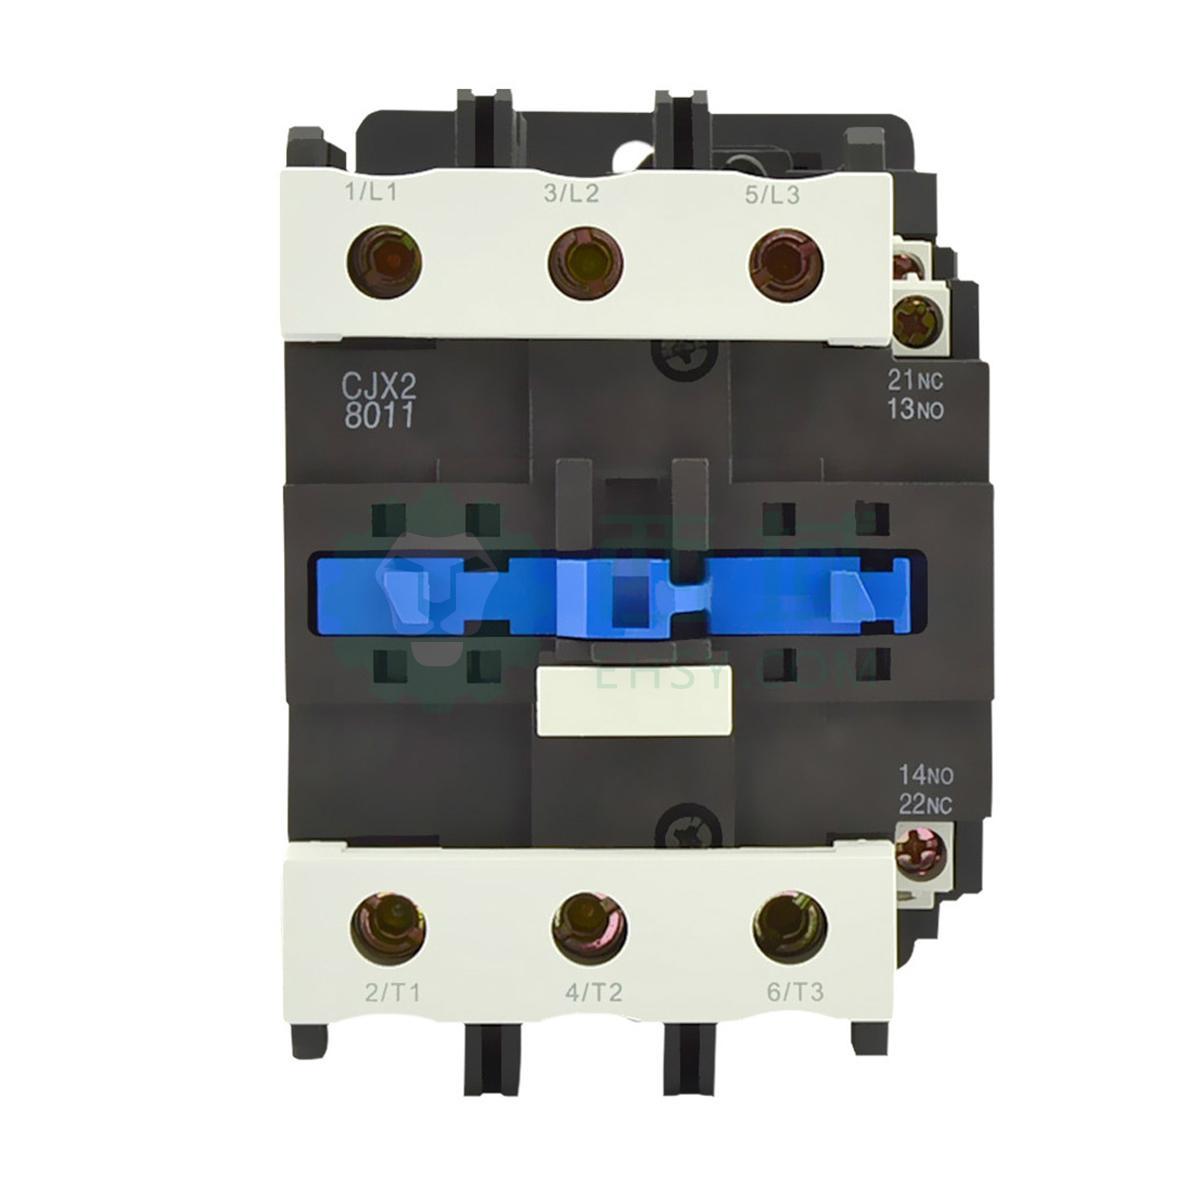 正泰cjx2交流线圈接触器,cjx2-8011 42v